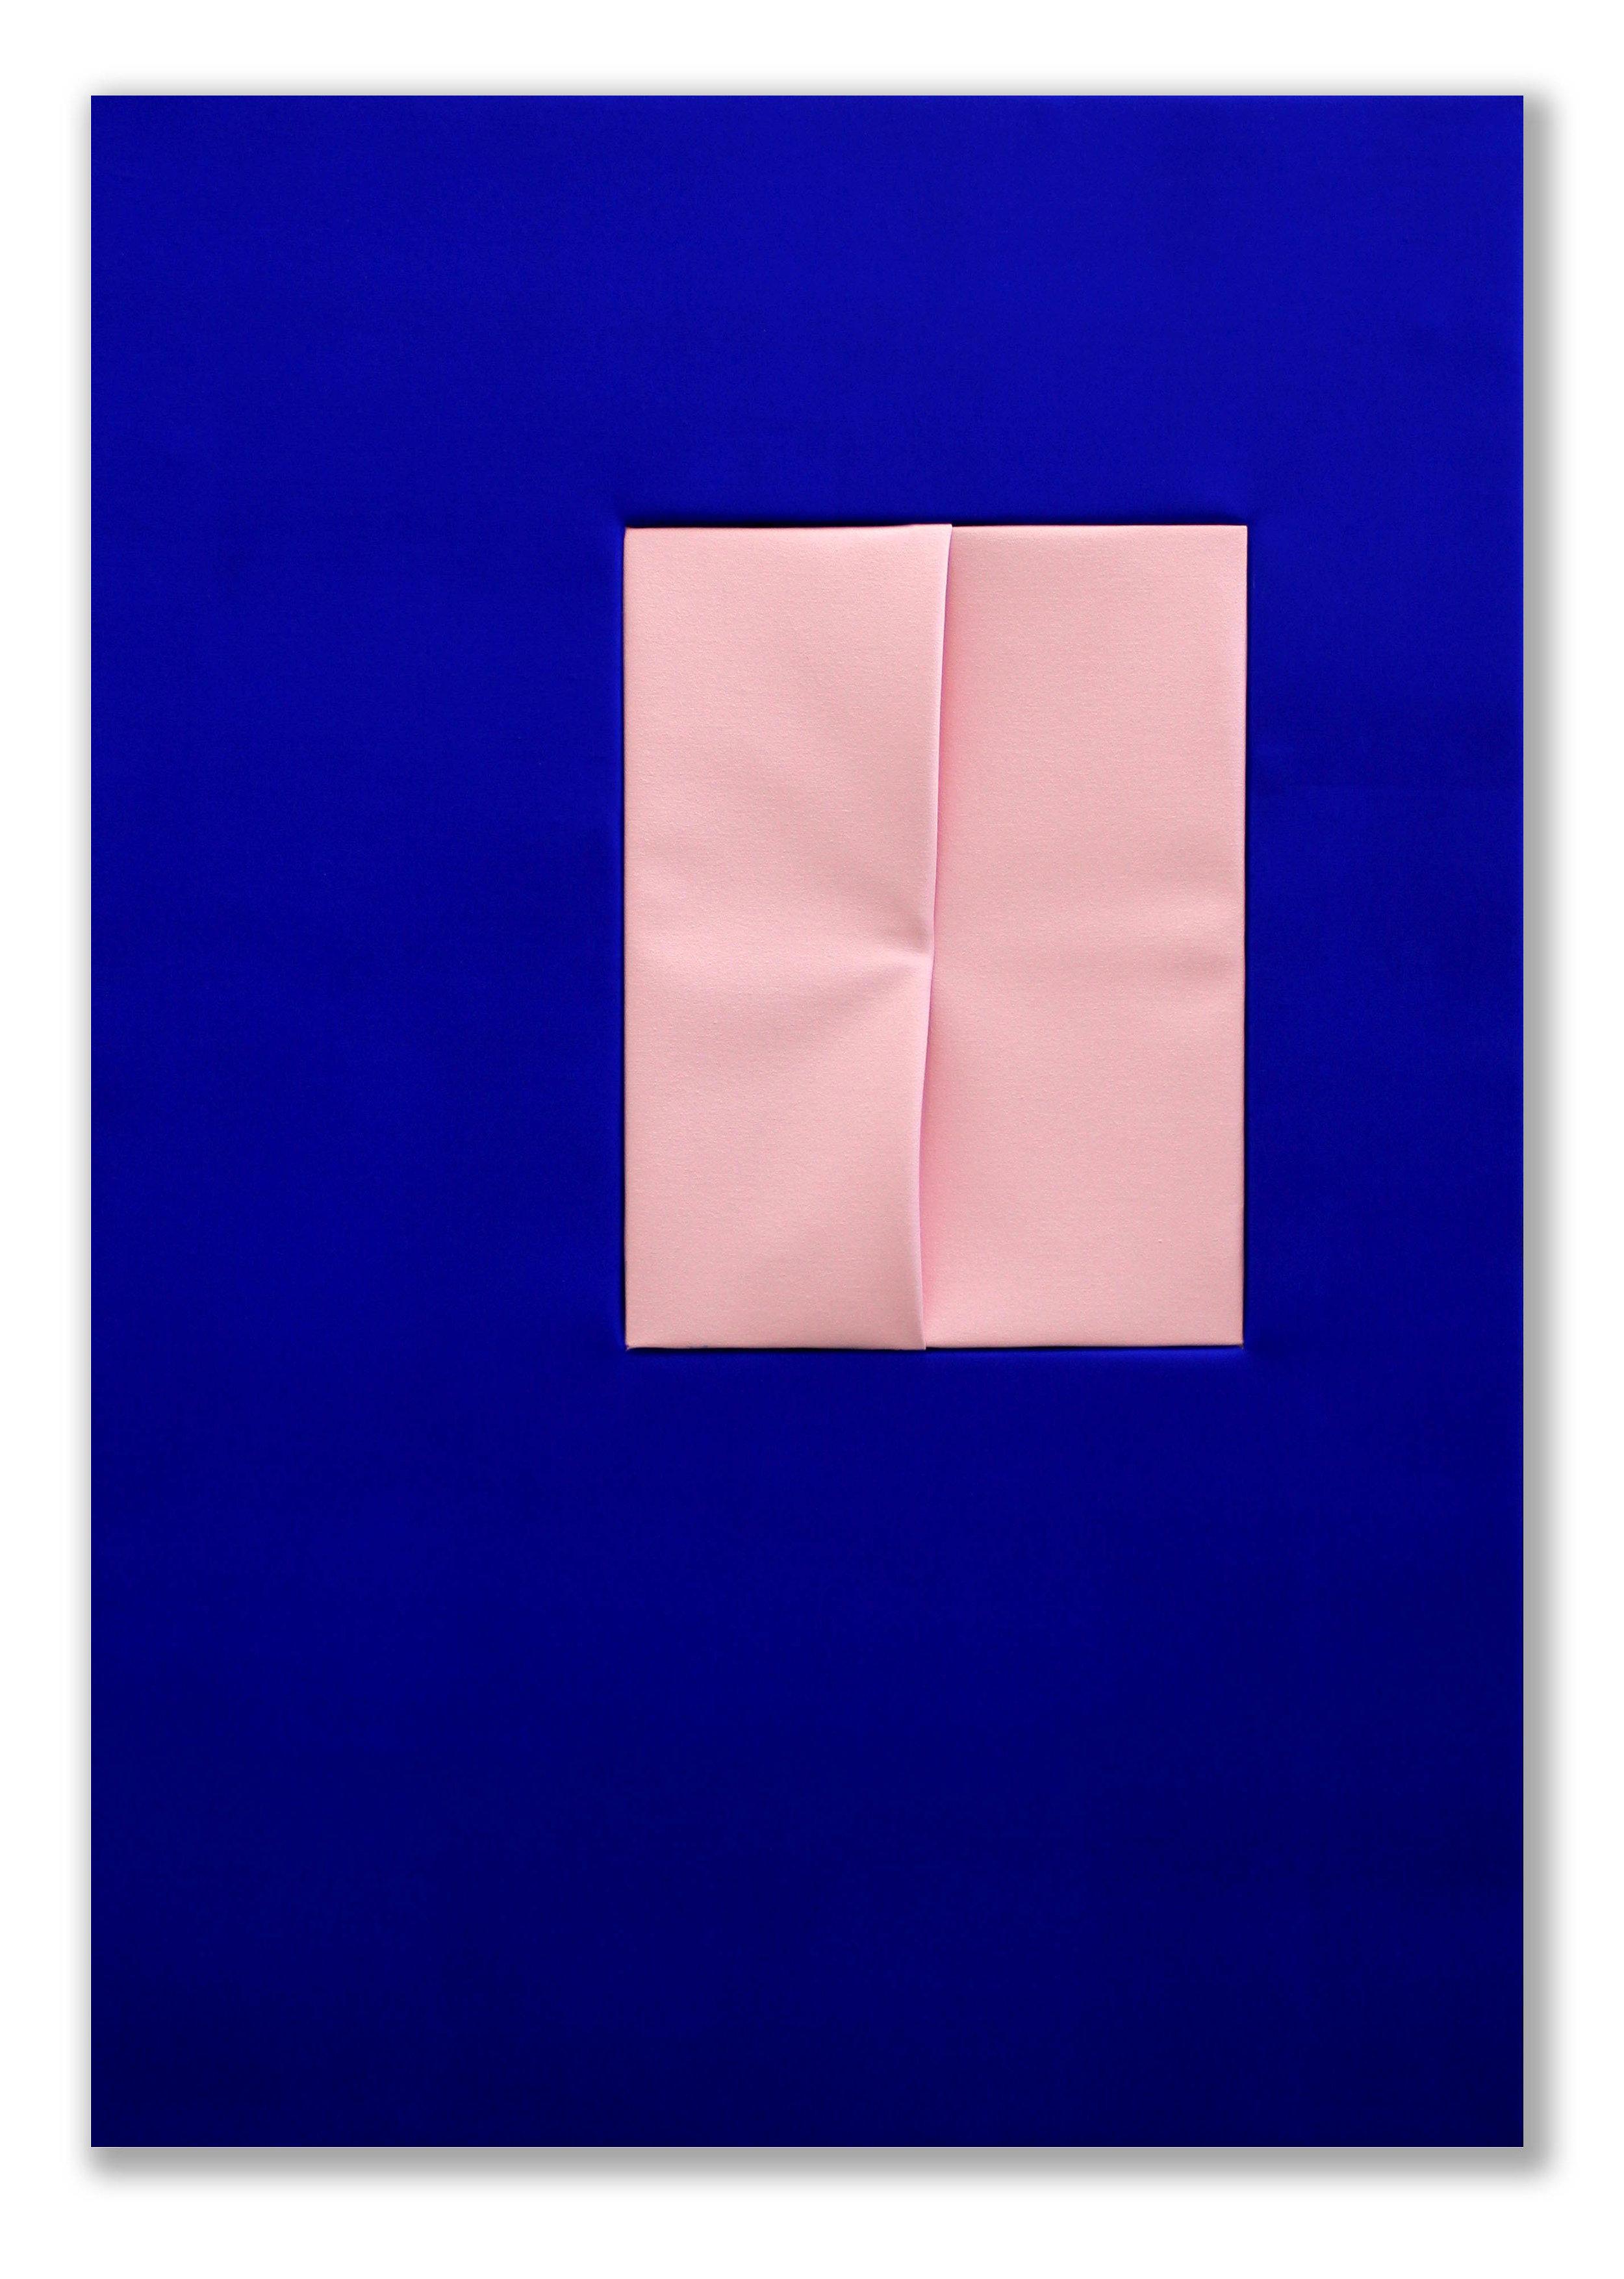 Madonna and Child  - 2016  Pigmento acrilico su tela  100 x 70 cm  Collezione Privata